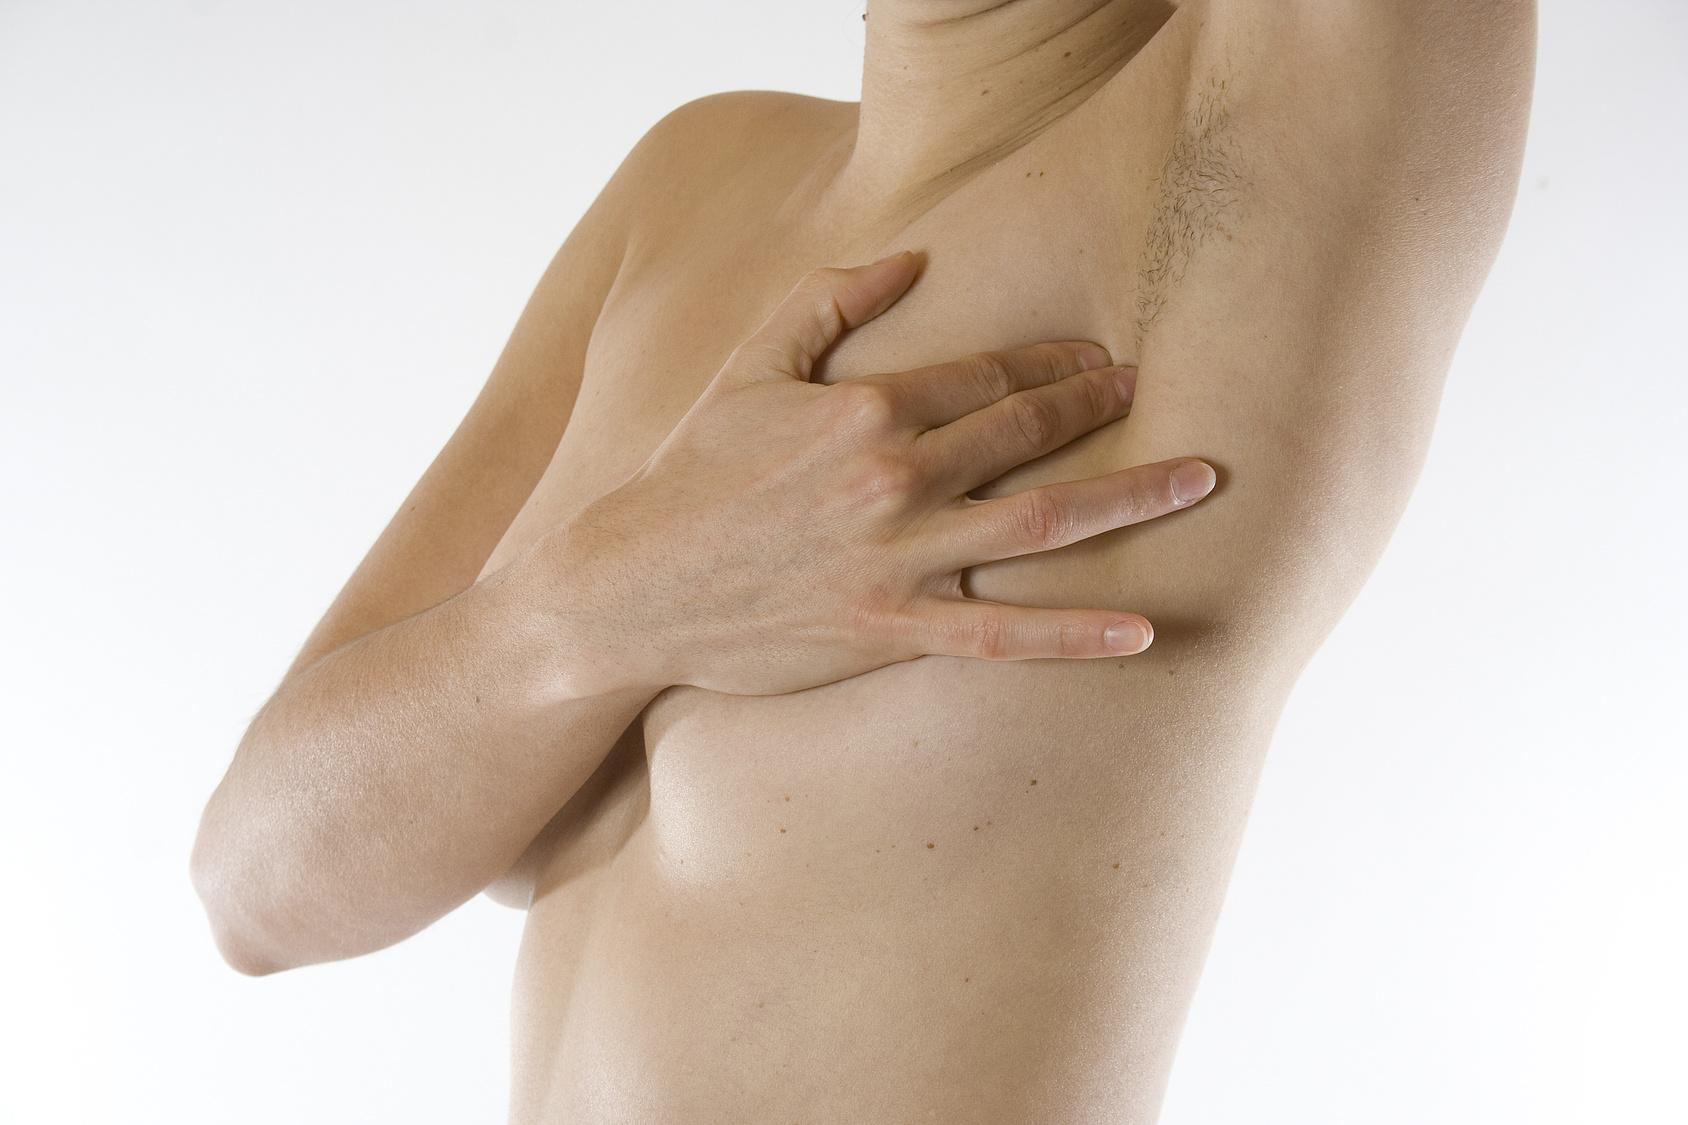 Tumore al seno, latinoamericane meno esposte: scoperto perché